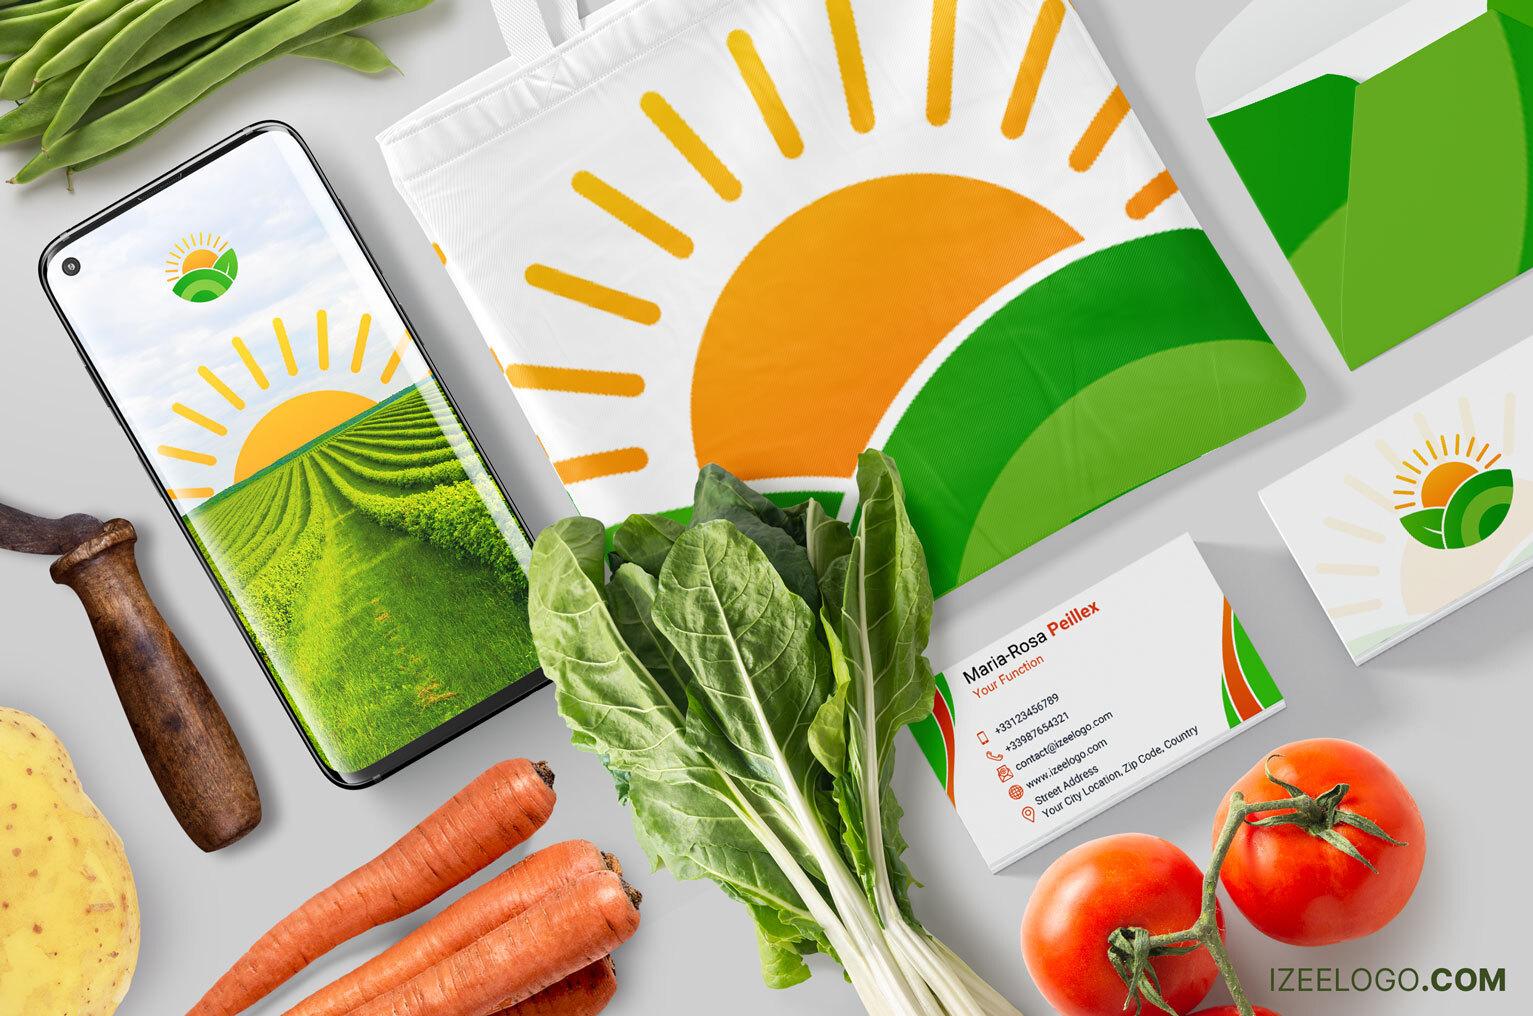 Mockup, branding de marca: crear logo de ganadería y de agricultura para promover marca o empresa.